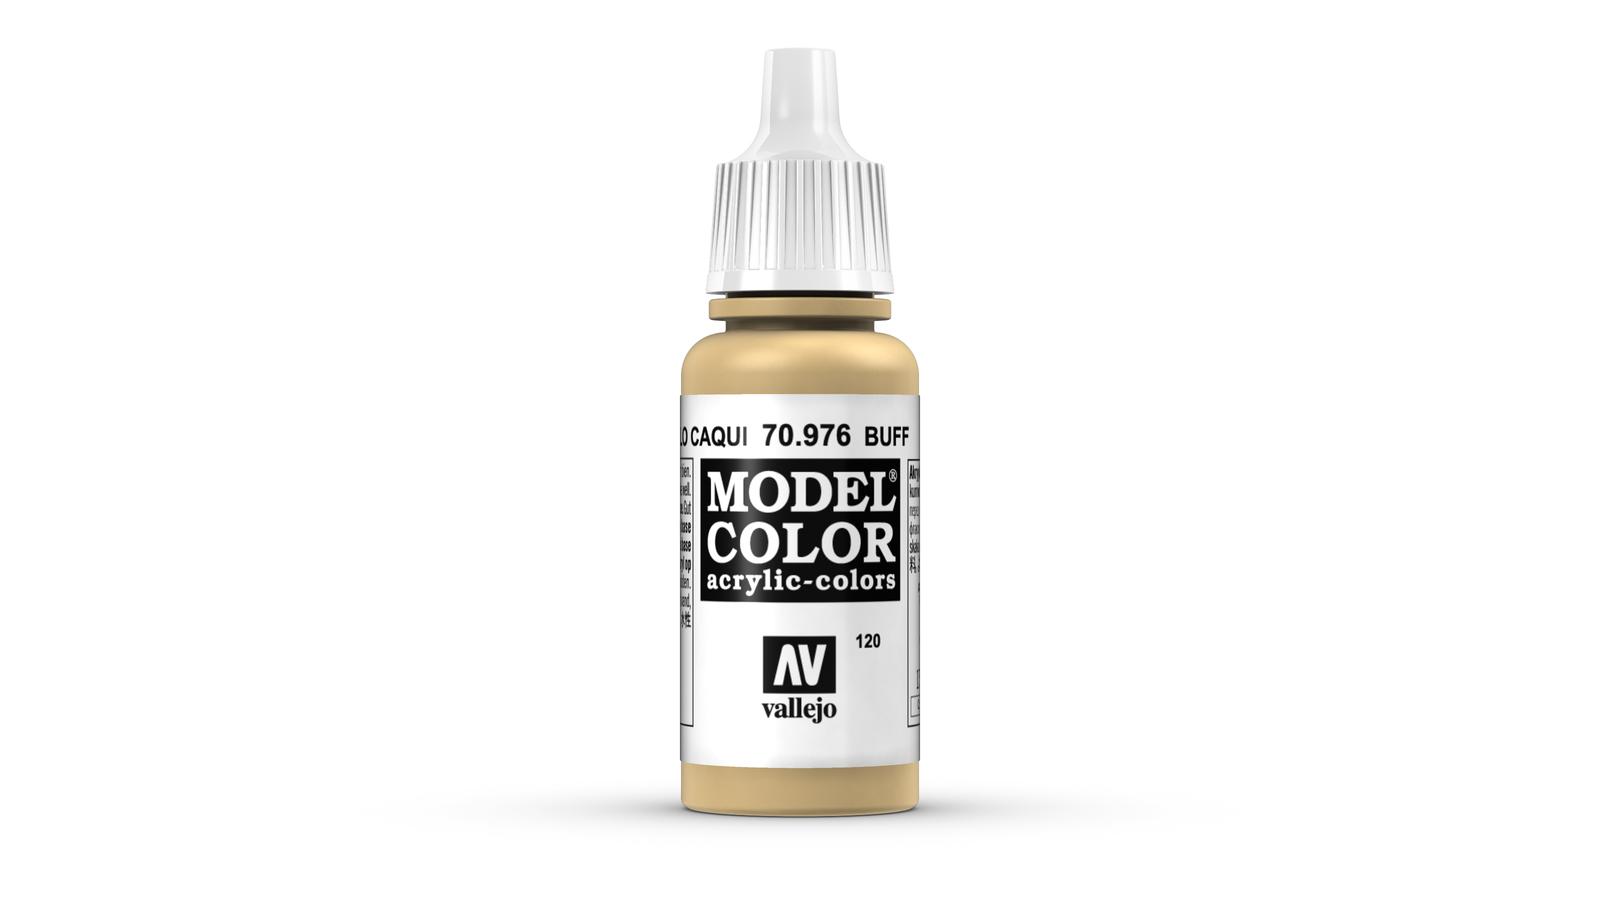 Vallejo Model Colour Buff 17ml image